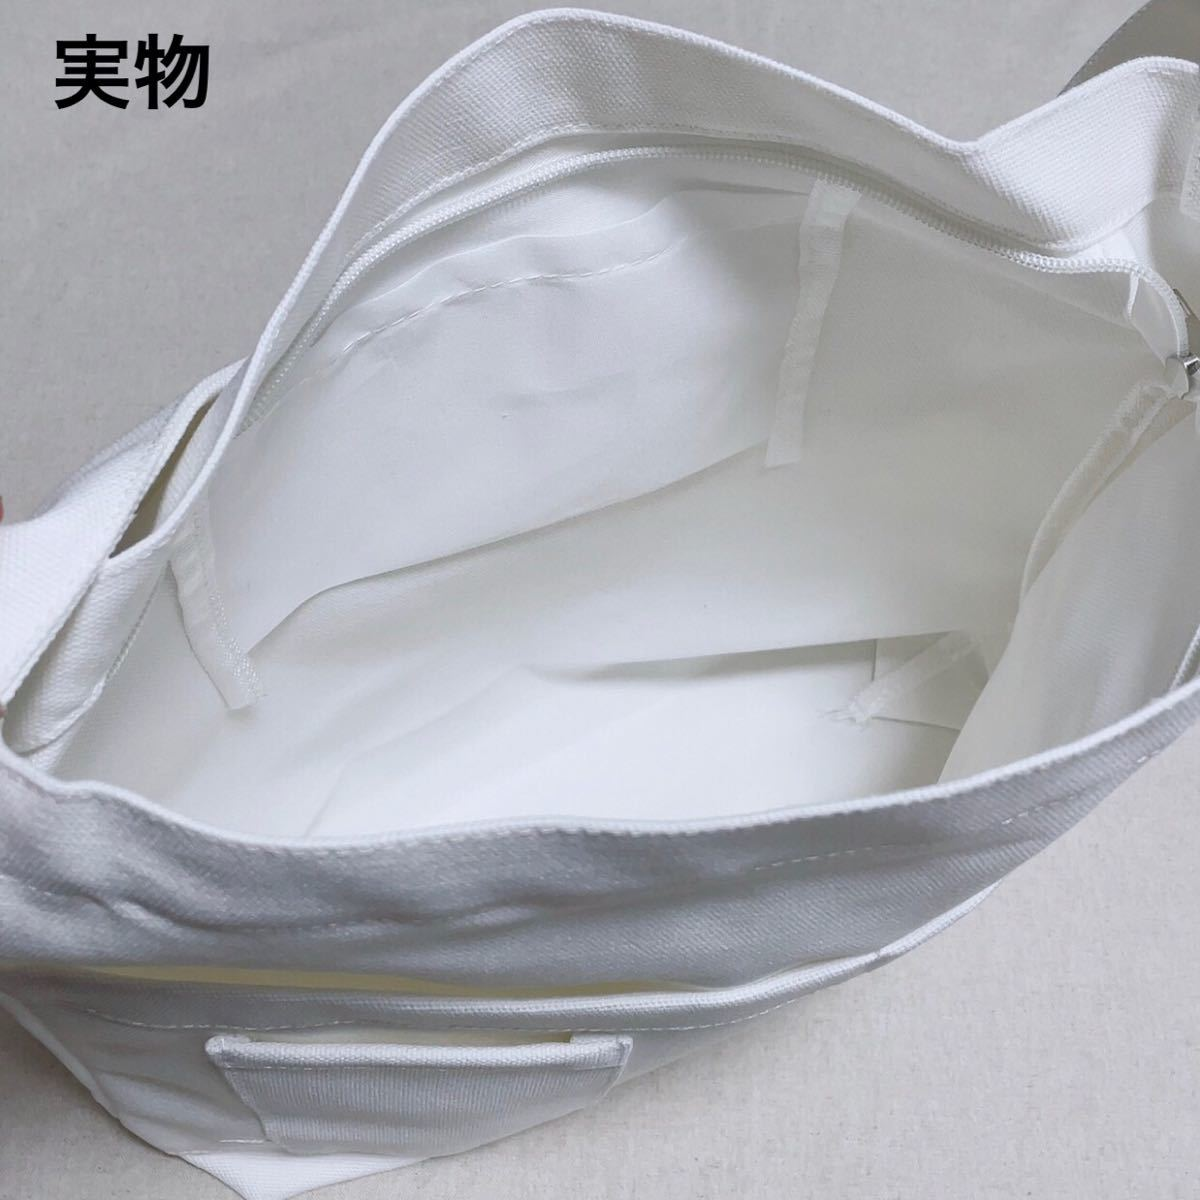 トートバッグ ショルダーバッグ 2way キャンバスバッグ 肩掛け A4サイズ ポケットファスナー ホワイト 白 ユニセックス